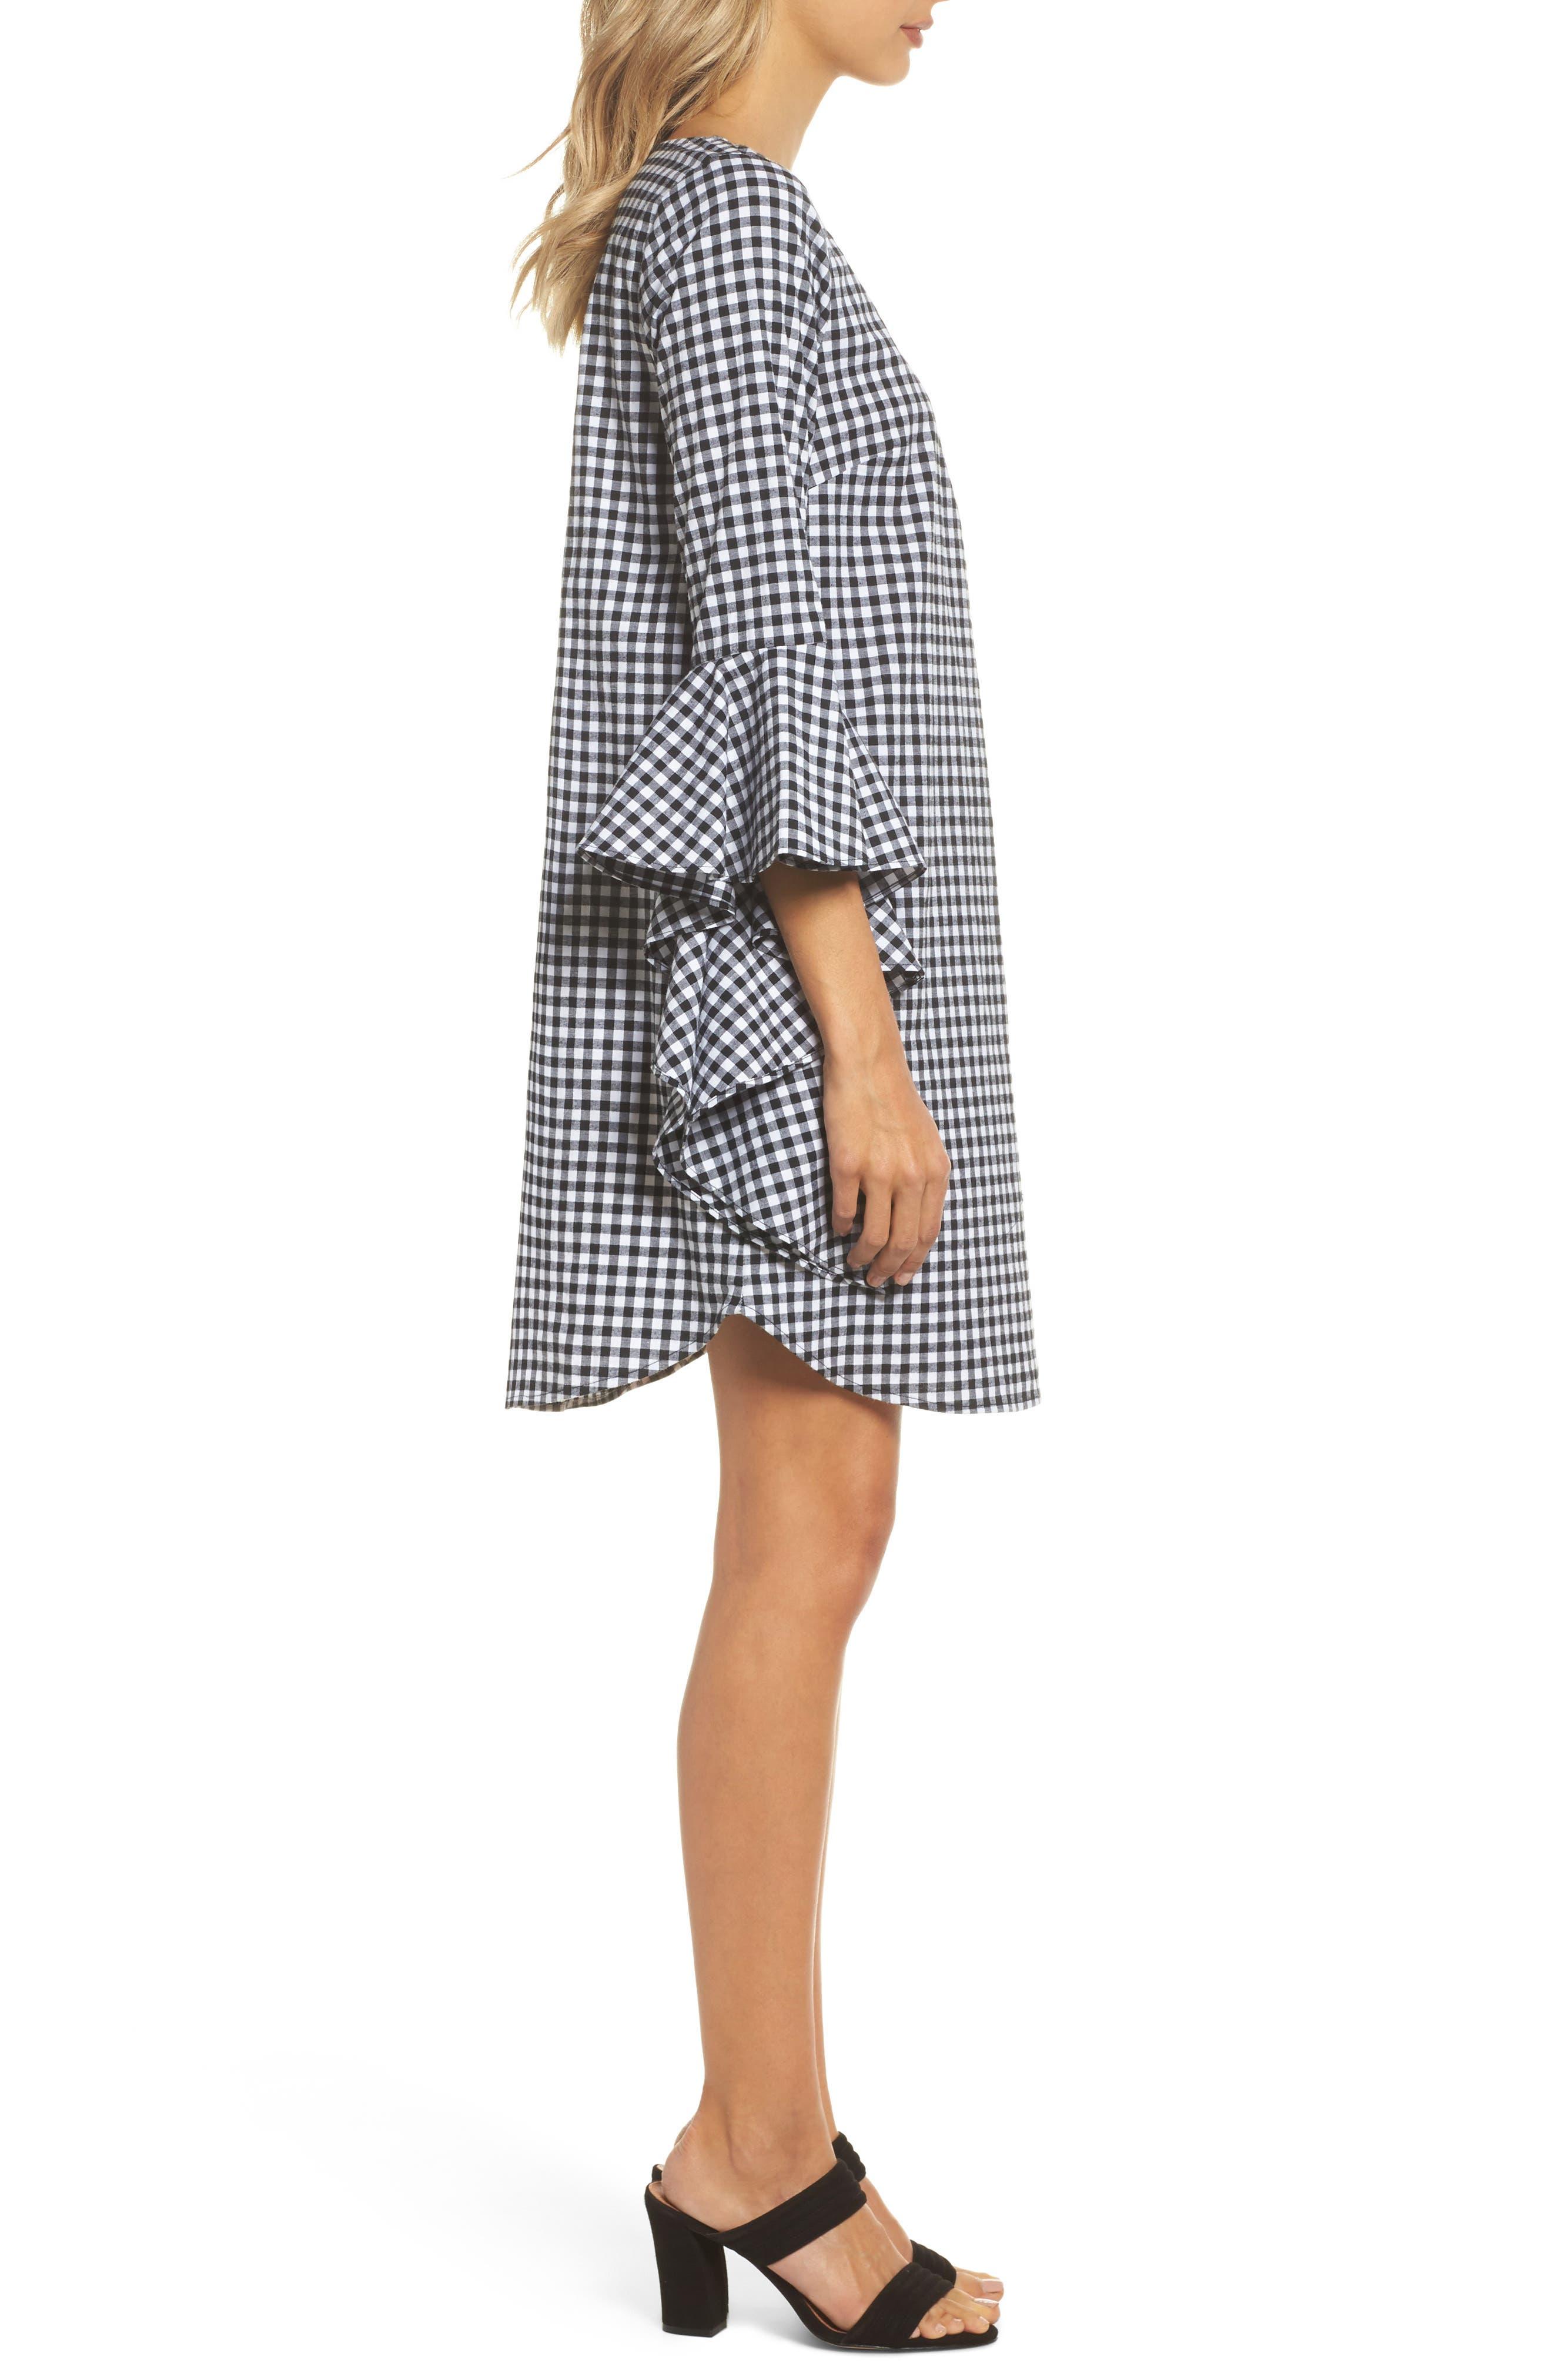 Ruffle Sleeve Gingham Shift Dress,                             Alternate thumbnail 3, color,                             Black/ White Gingham